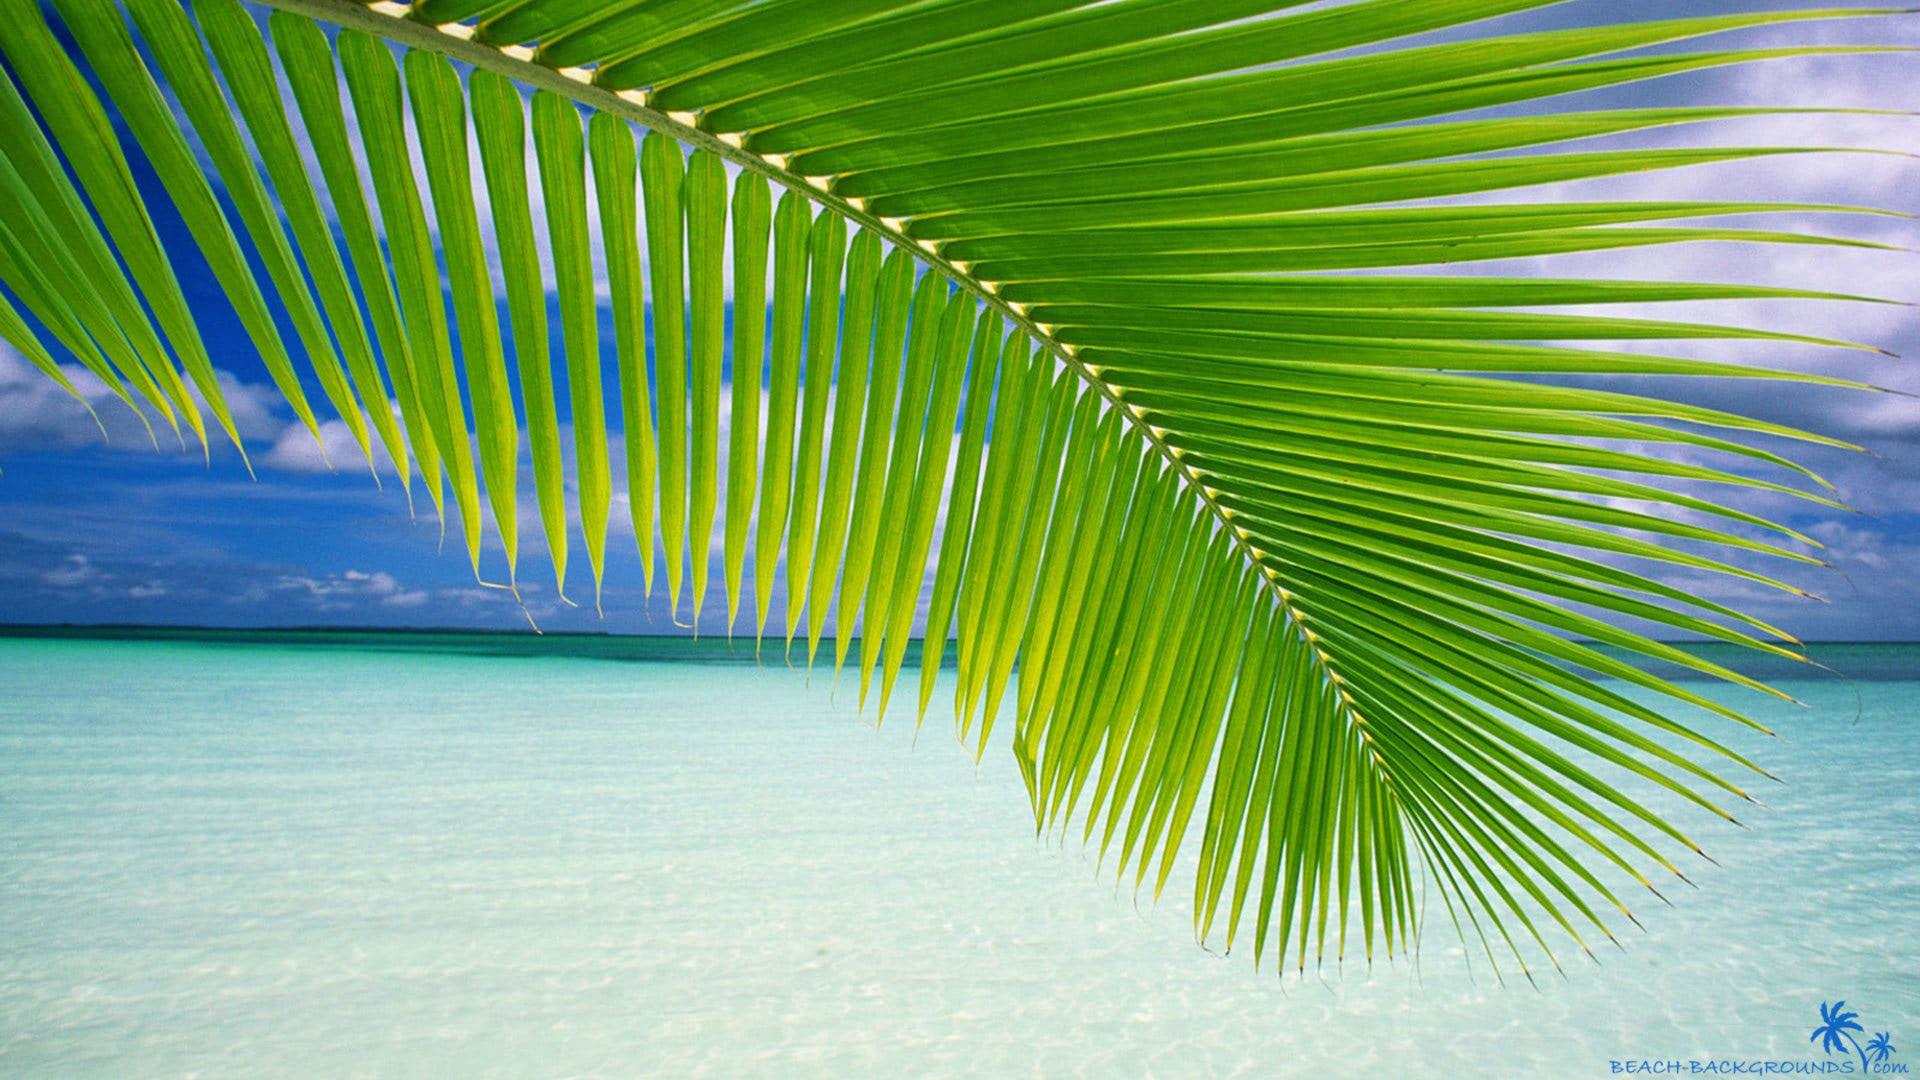 Beach palm green leaf - Beach Wallpapers